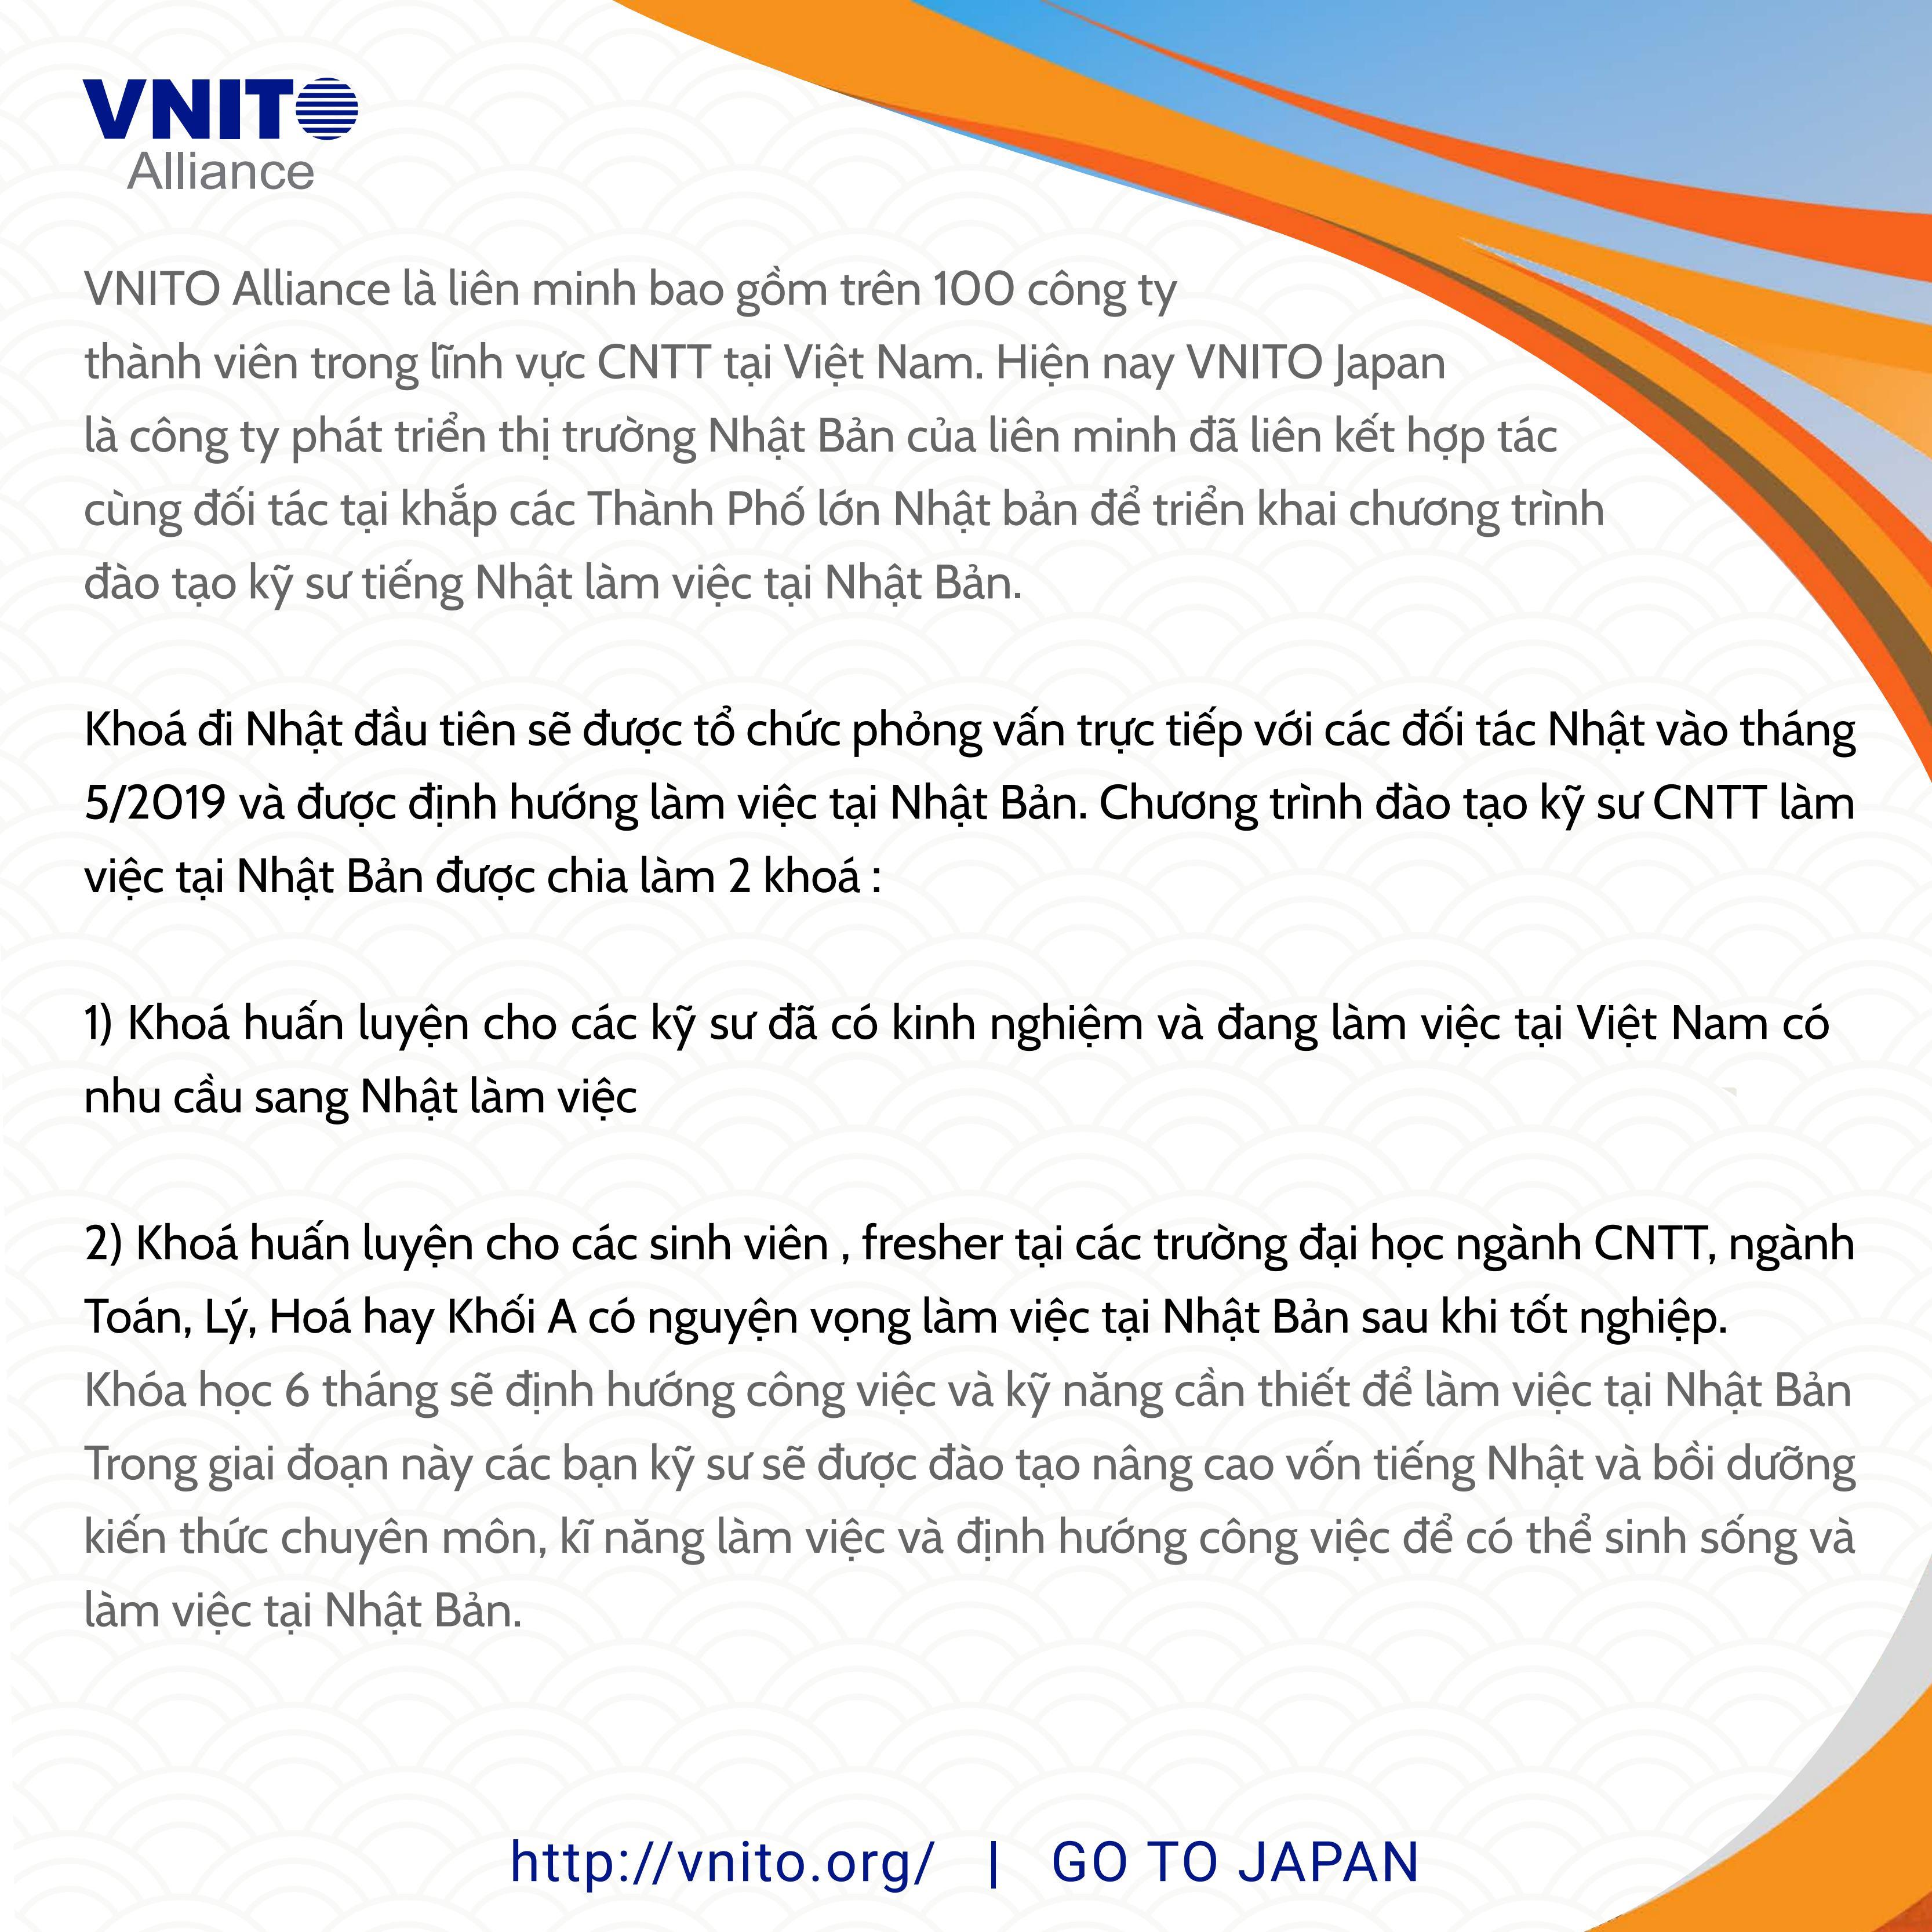 Cơ hội lớn làm việc tại Nhật Bản cùng VNITO Japan